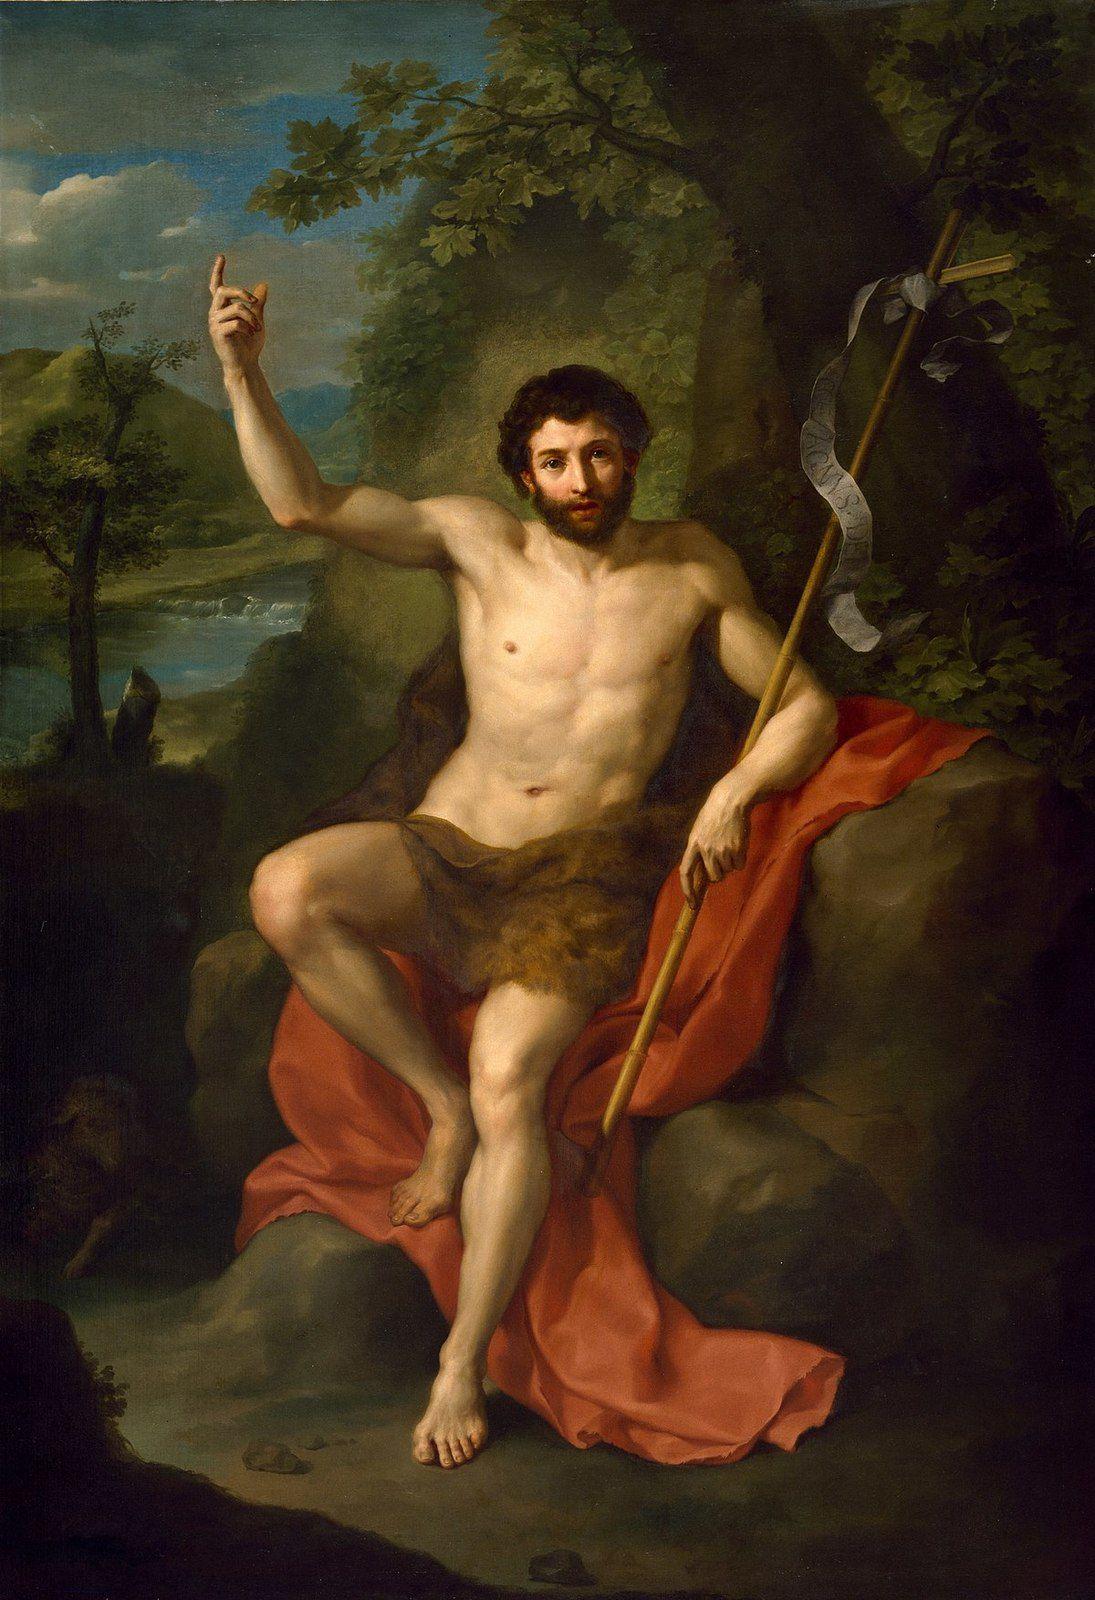 Prière n° 75 : Prière à Saint Jean-Baptiste pour délivrer les souffrantes, contre les damnées ou errantes